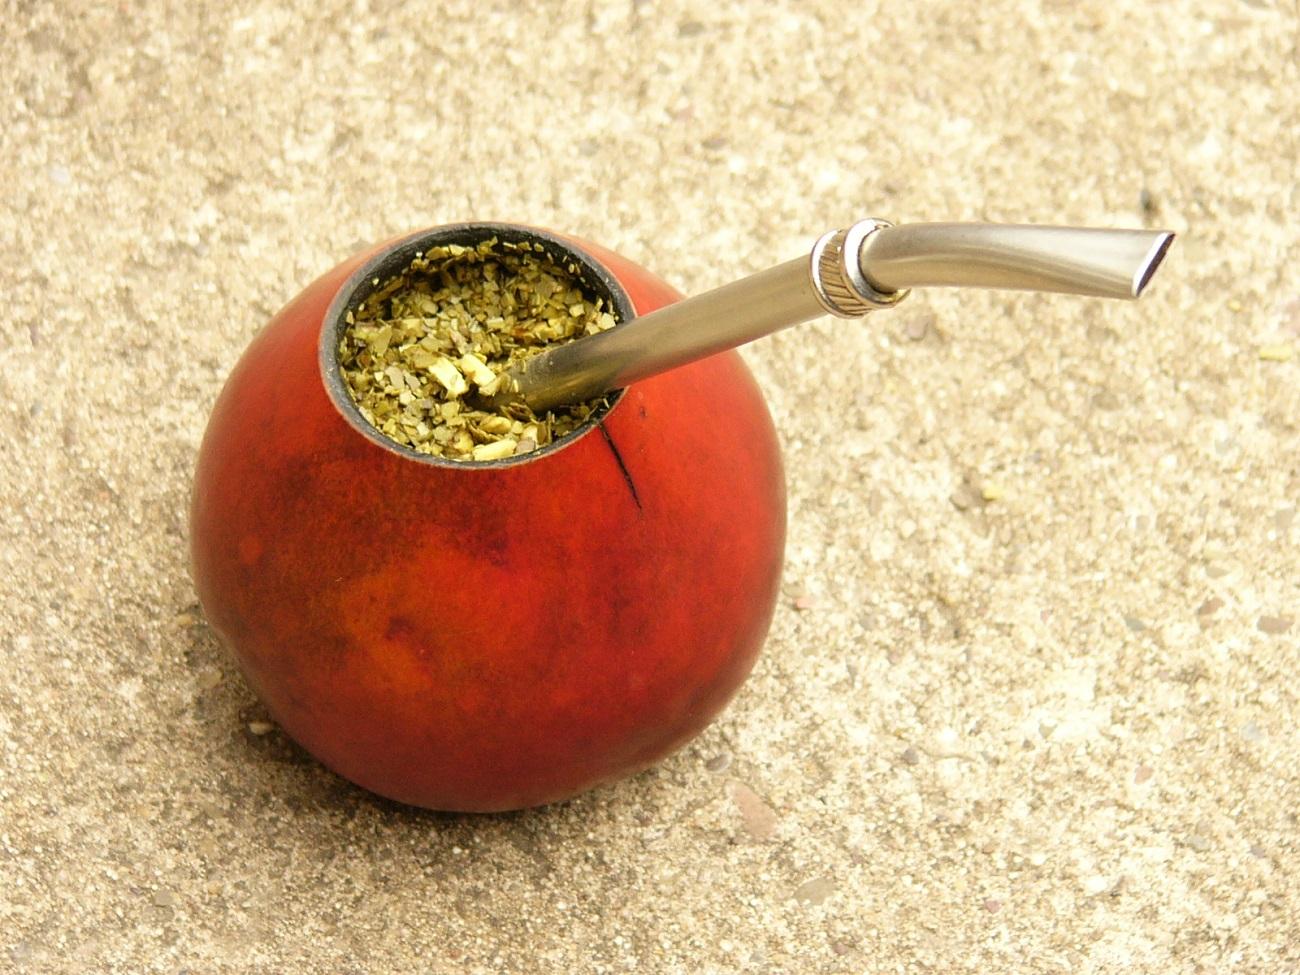 Yerba mate, un producto natural con importantes propiedades medicinales 2